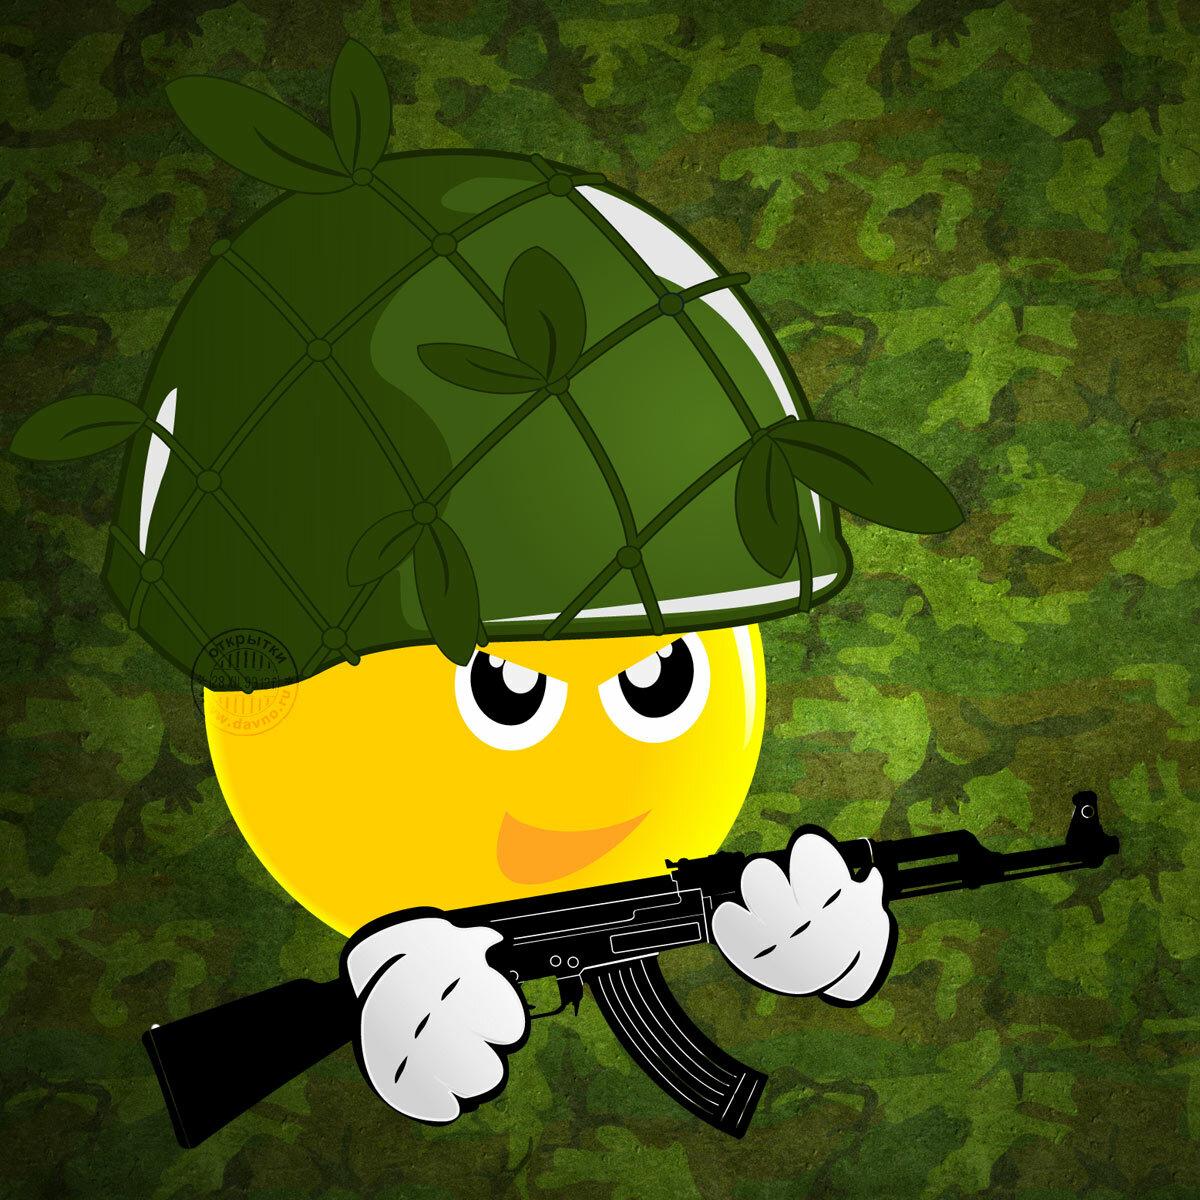 смайлы военные картинки